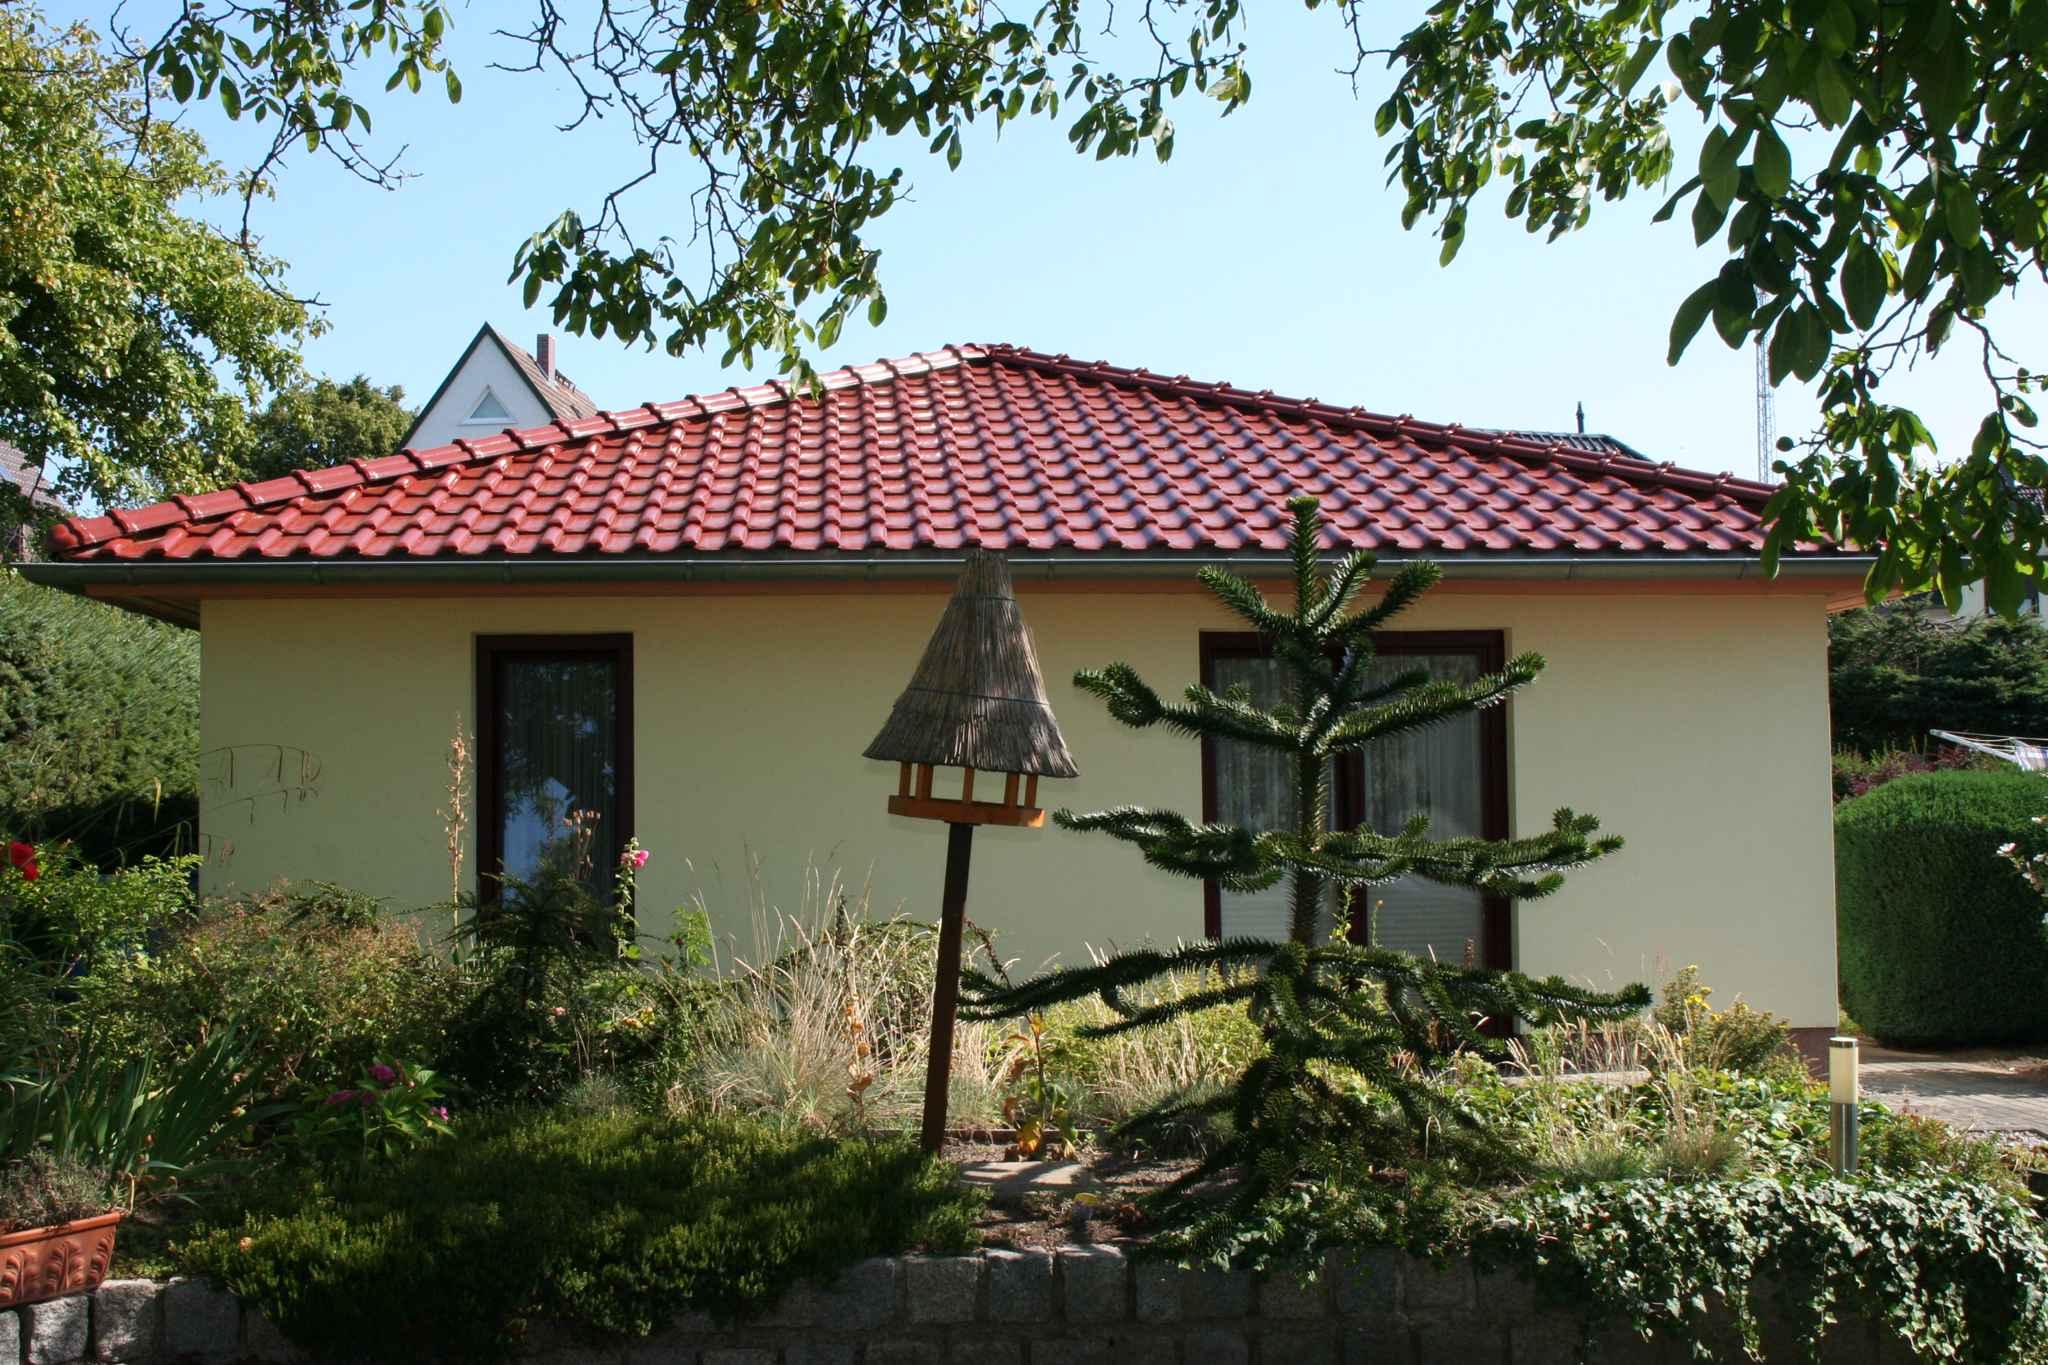 Ferienhaus Bungalow Ferienhaus mit Terrasse und Garten (358672), Bergen (Rügen), Rügen, Mecklenburg-Vorpommern, Deutschland, Bild 3